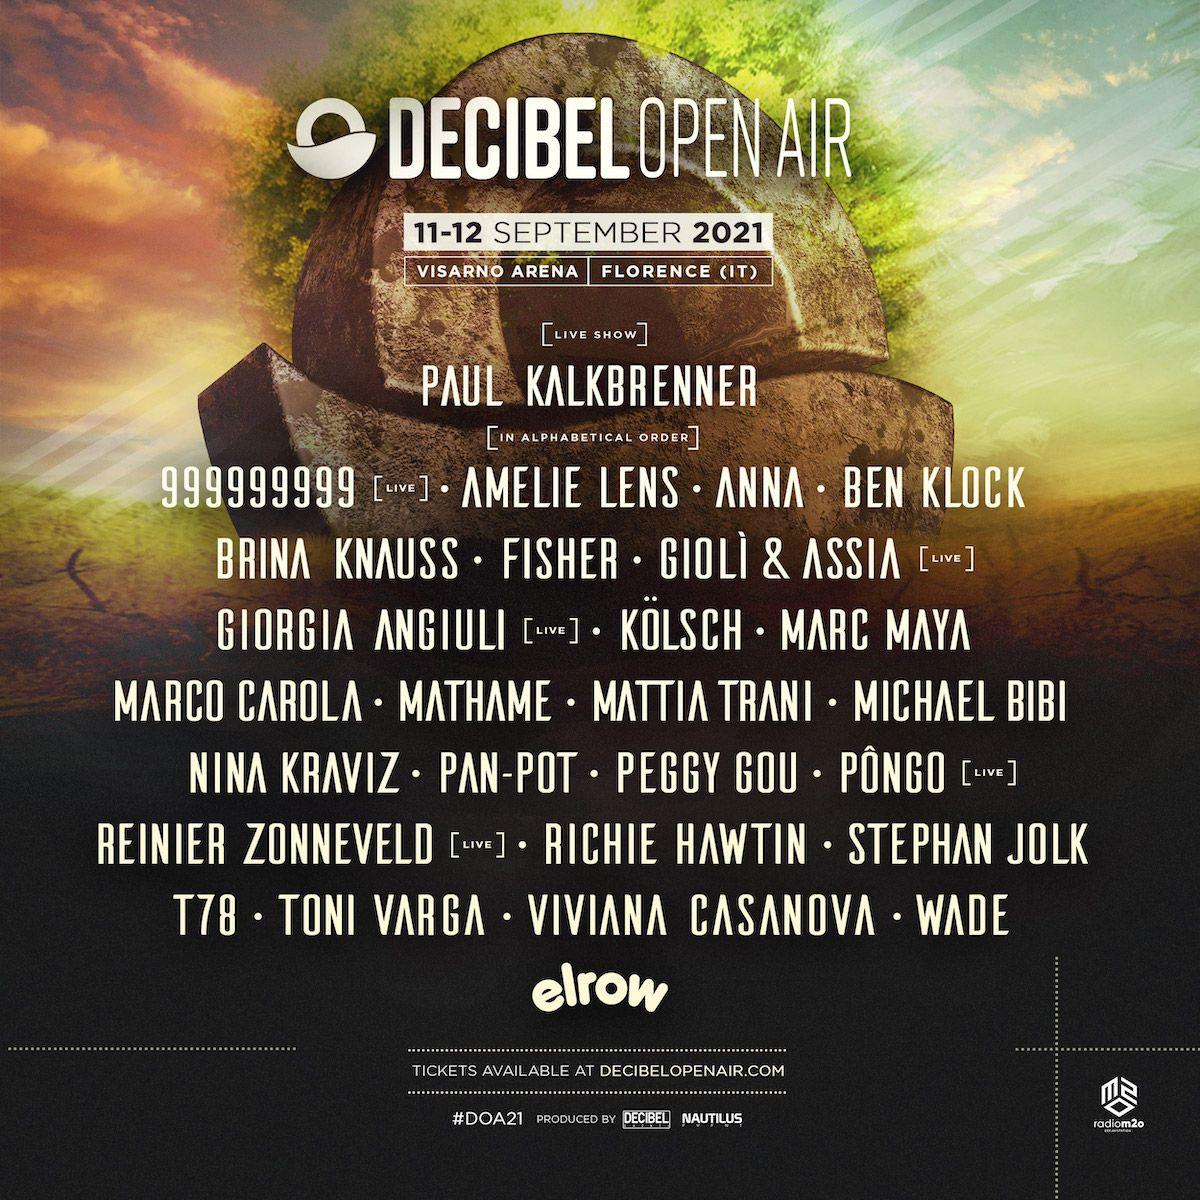 decibel open air festival